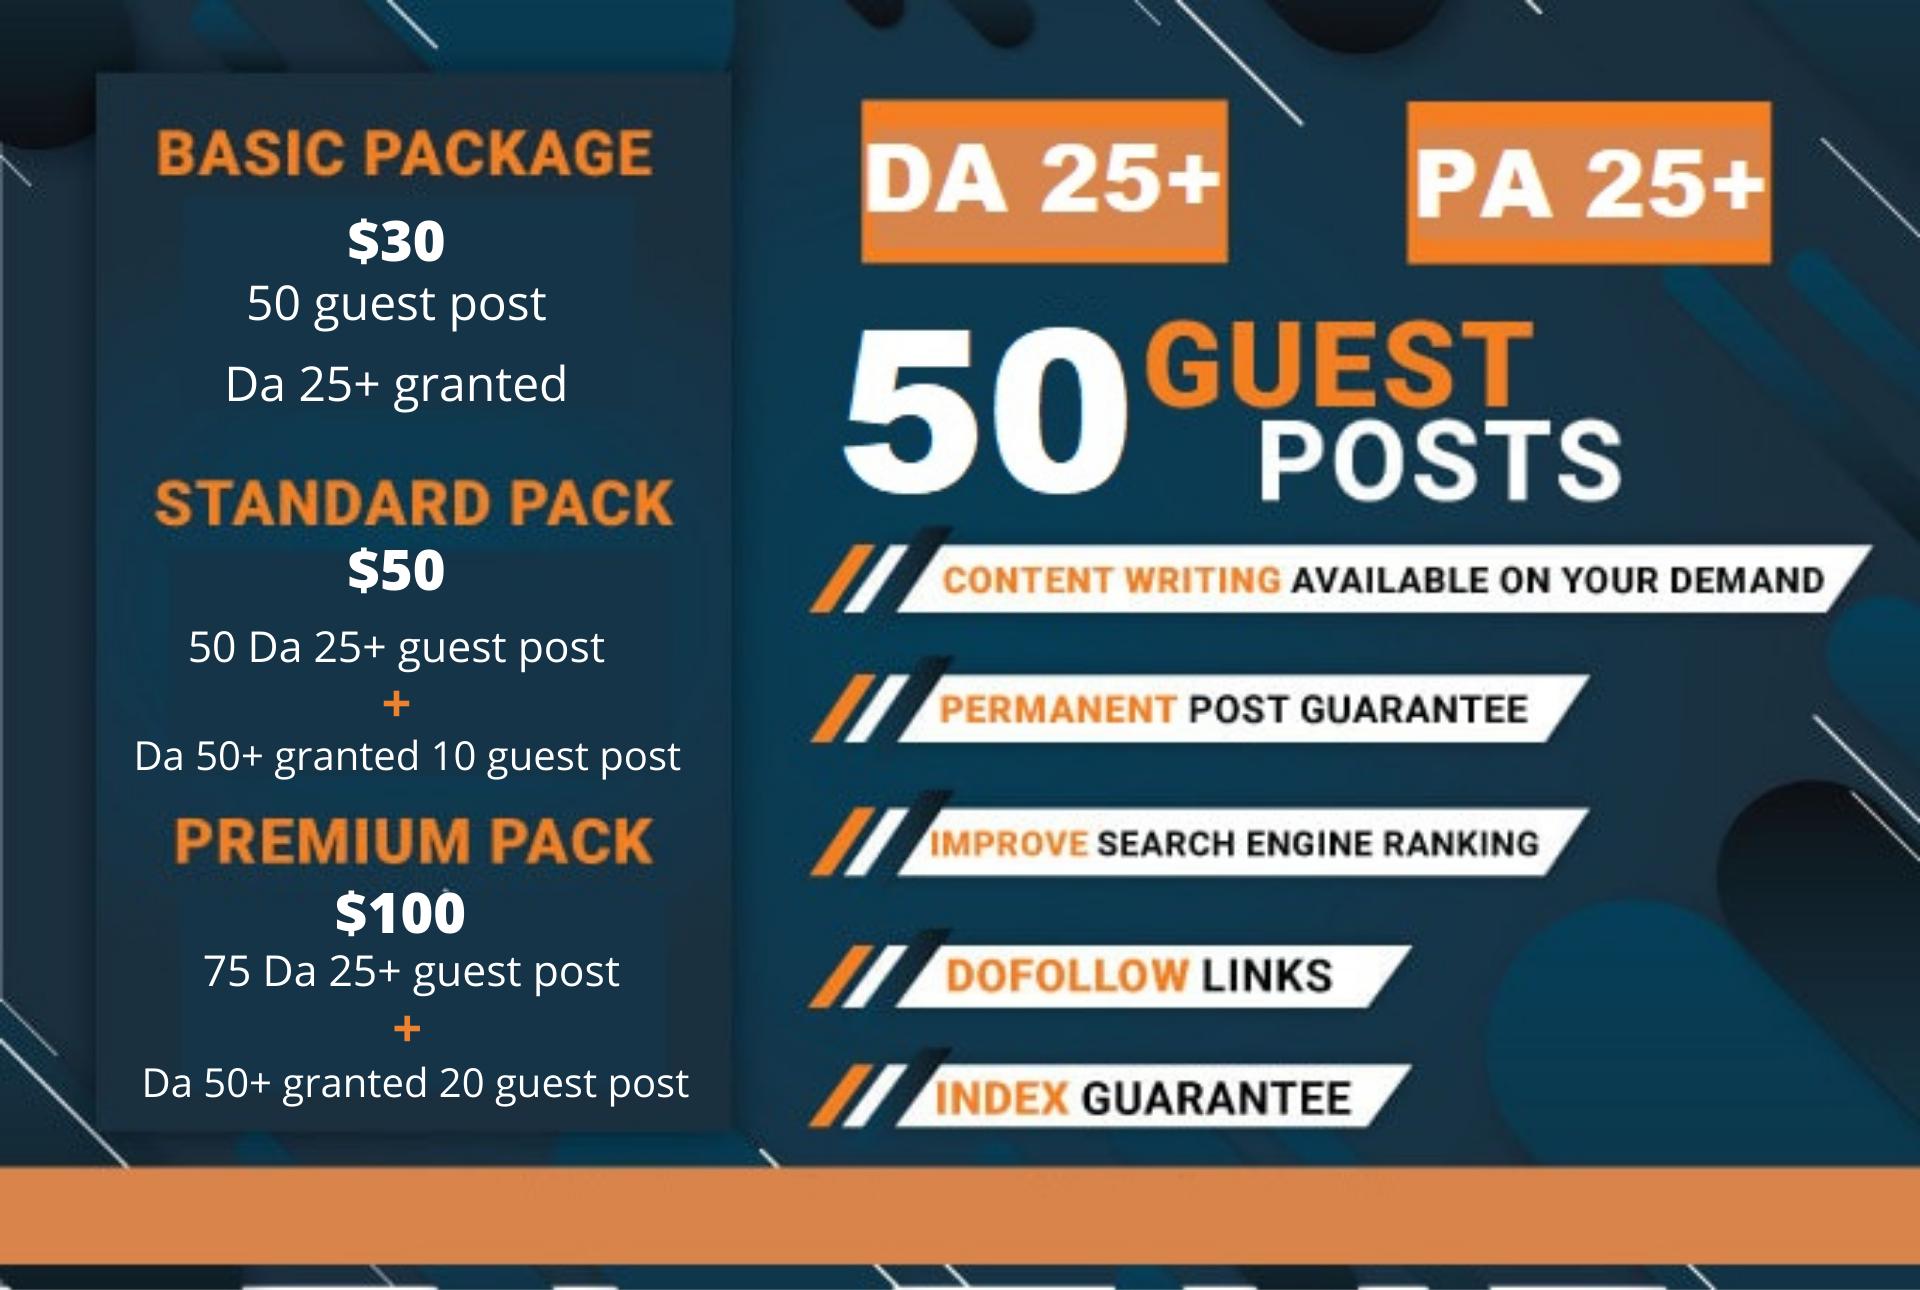 DA 25 granted 50 guest post from unique domain